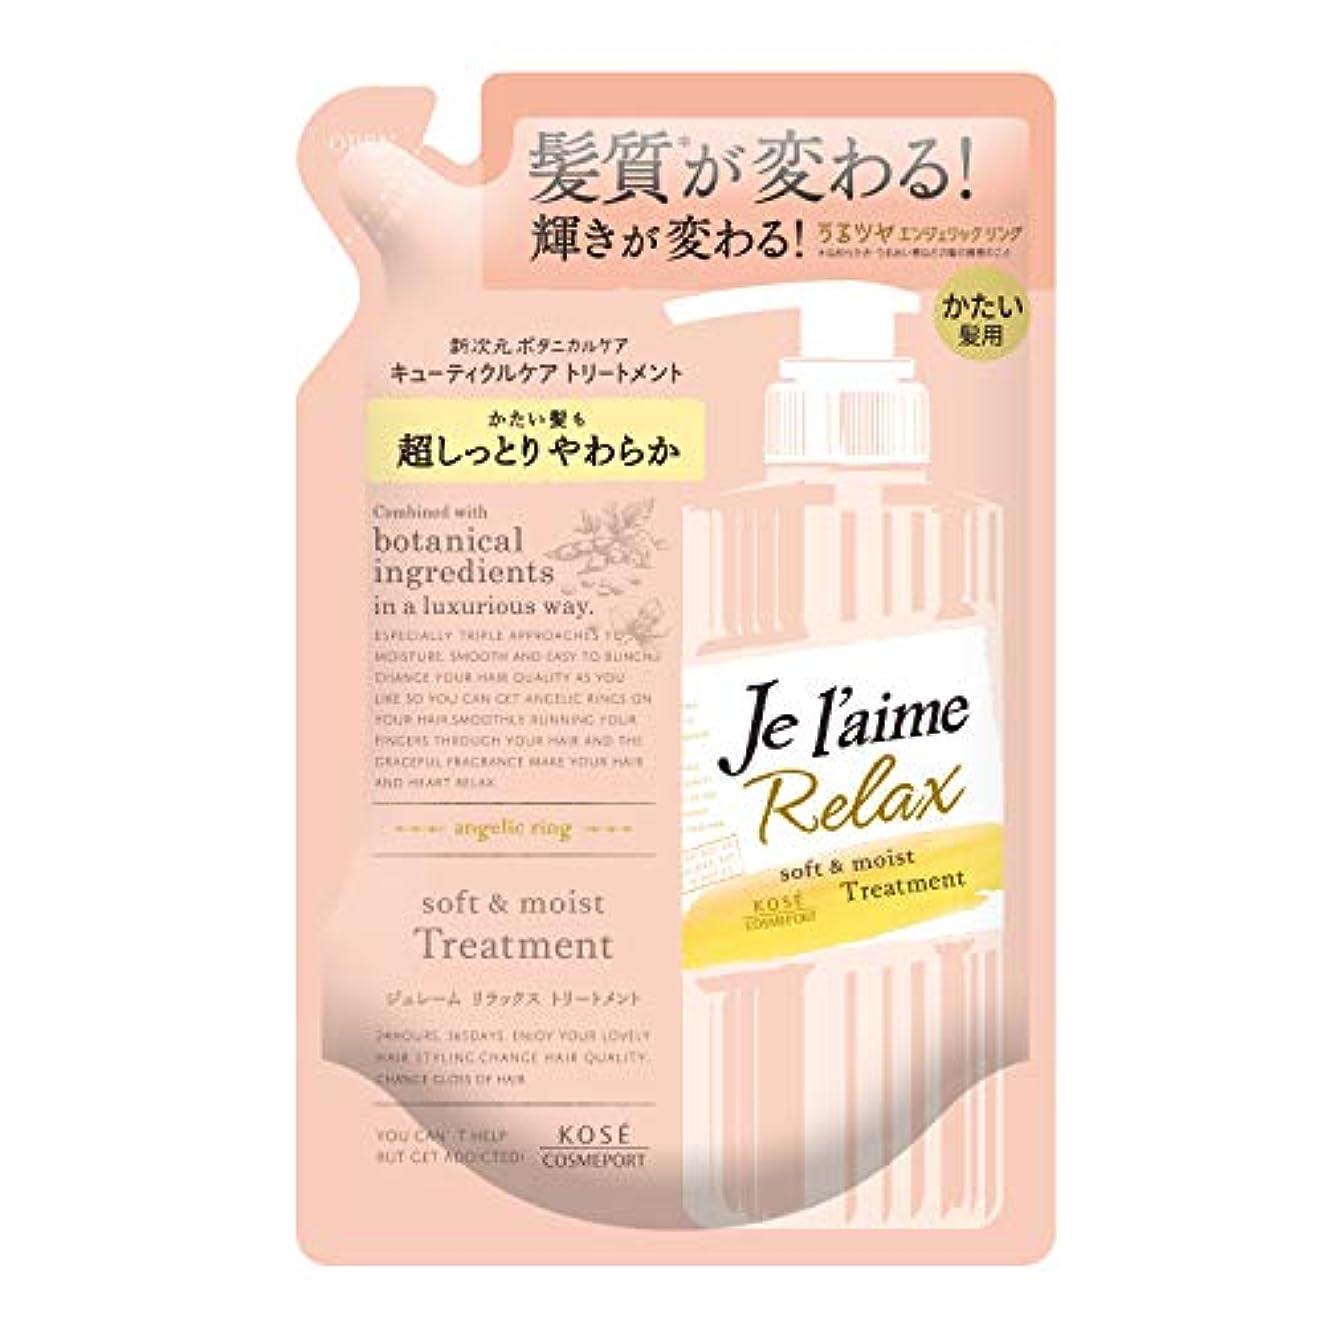 ルートリッチ放棄するKOSE ジュレーム リラックス トリートメント (ソフト&モイスト) つめかえ かたい髪用 360mL